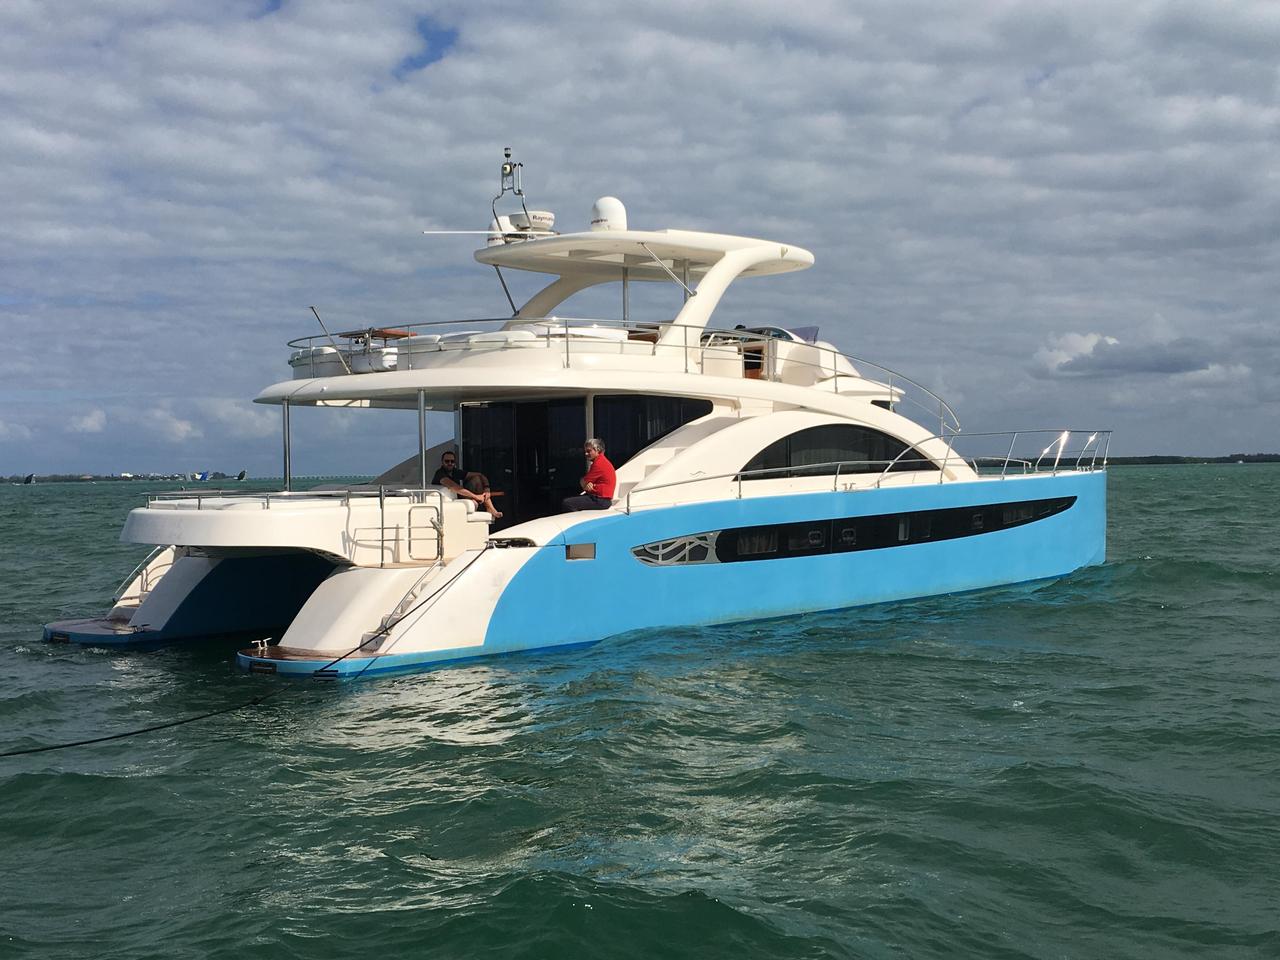 2007 Used Rodriquez Power Cat Power Catamaran Boat For ...  2007 Used Rodri...